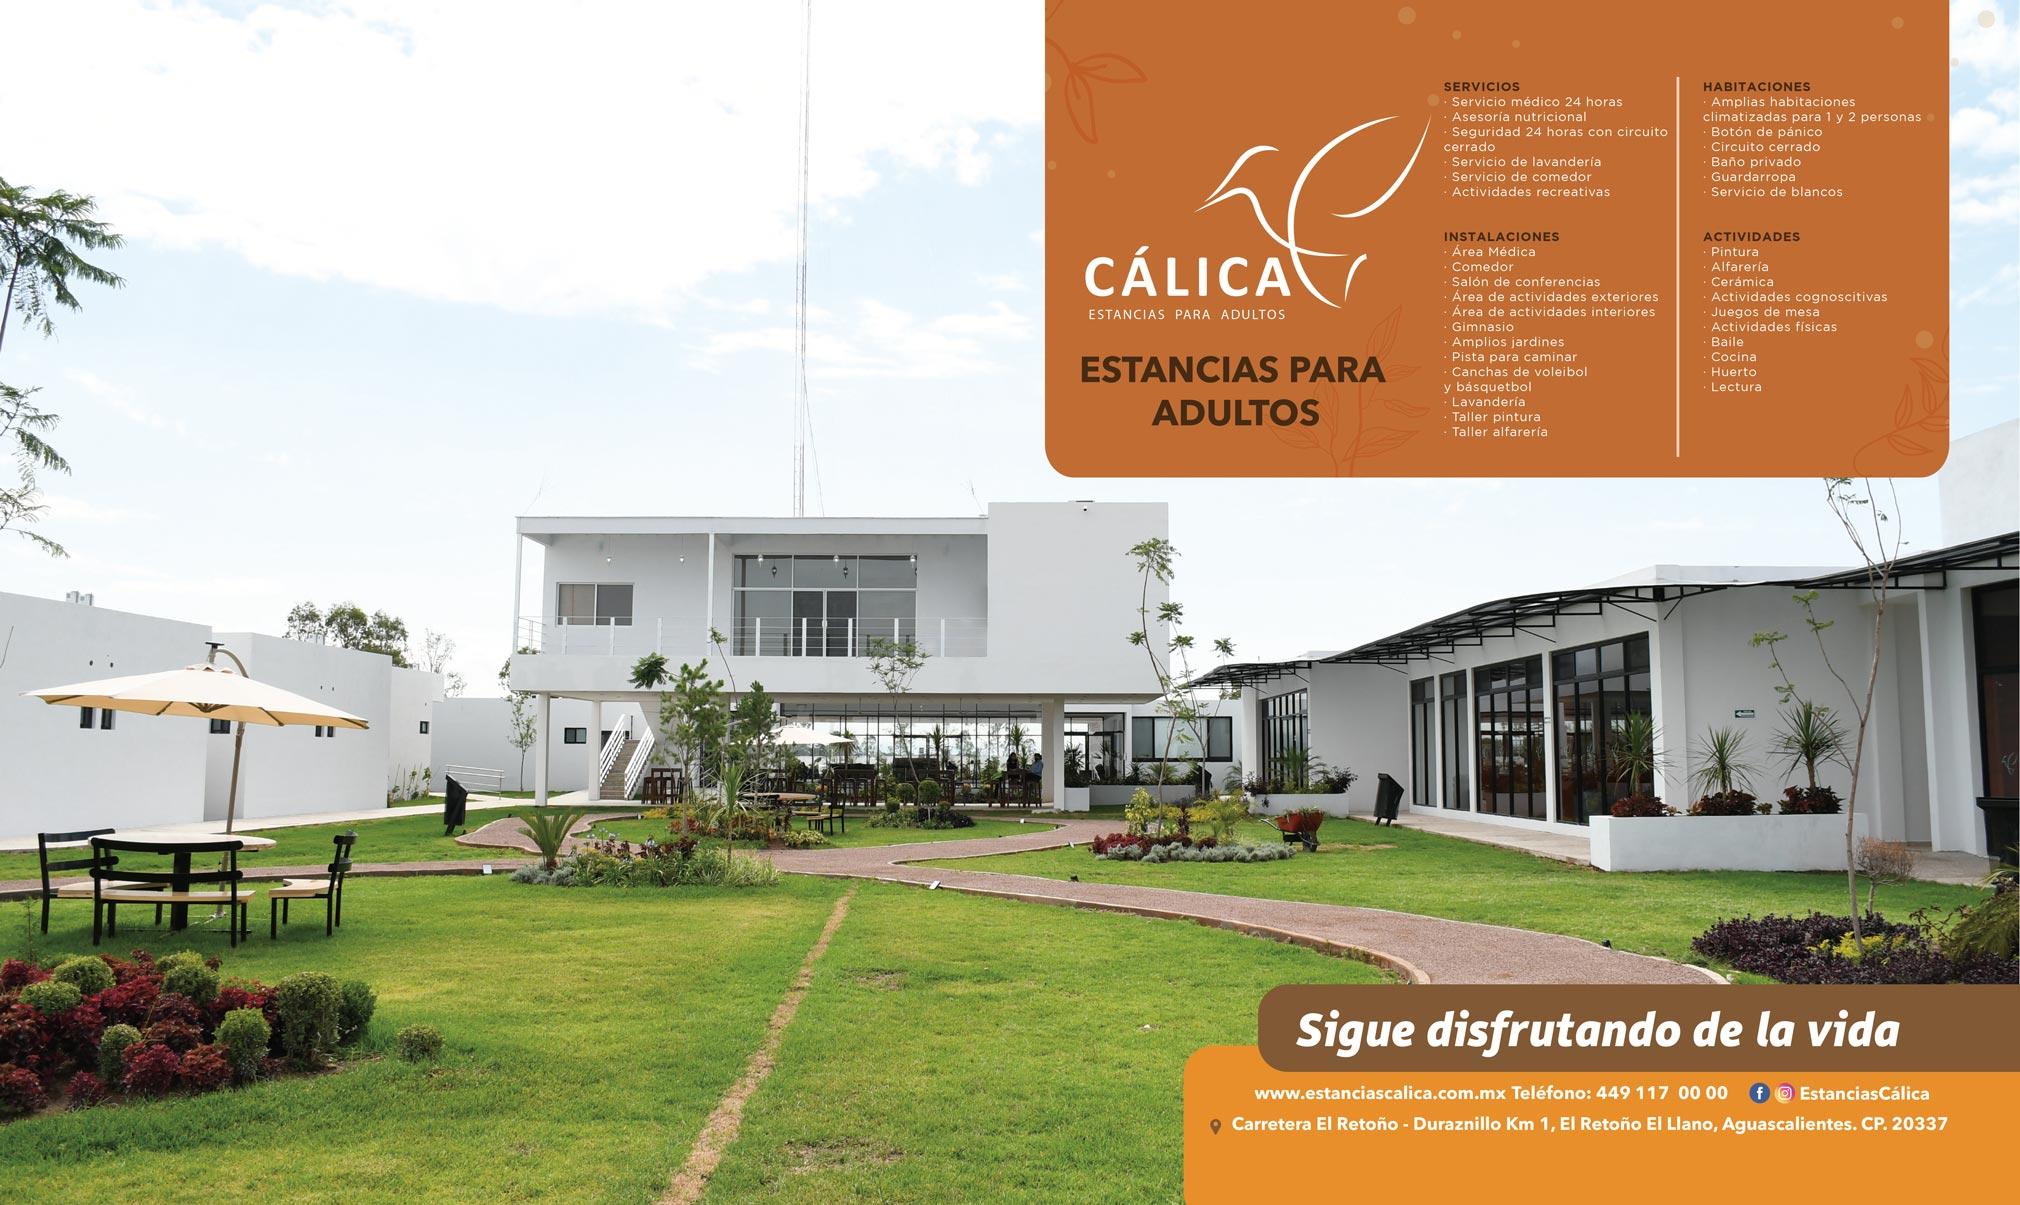 CALICA